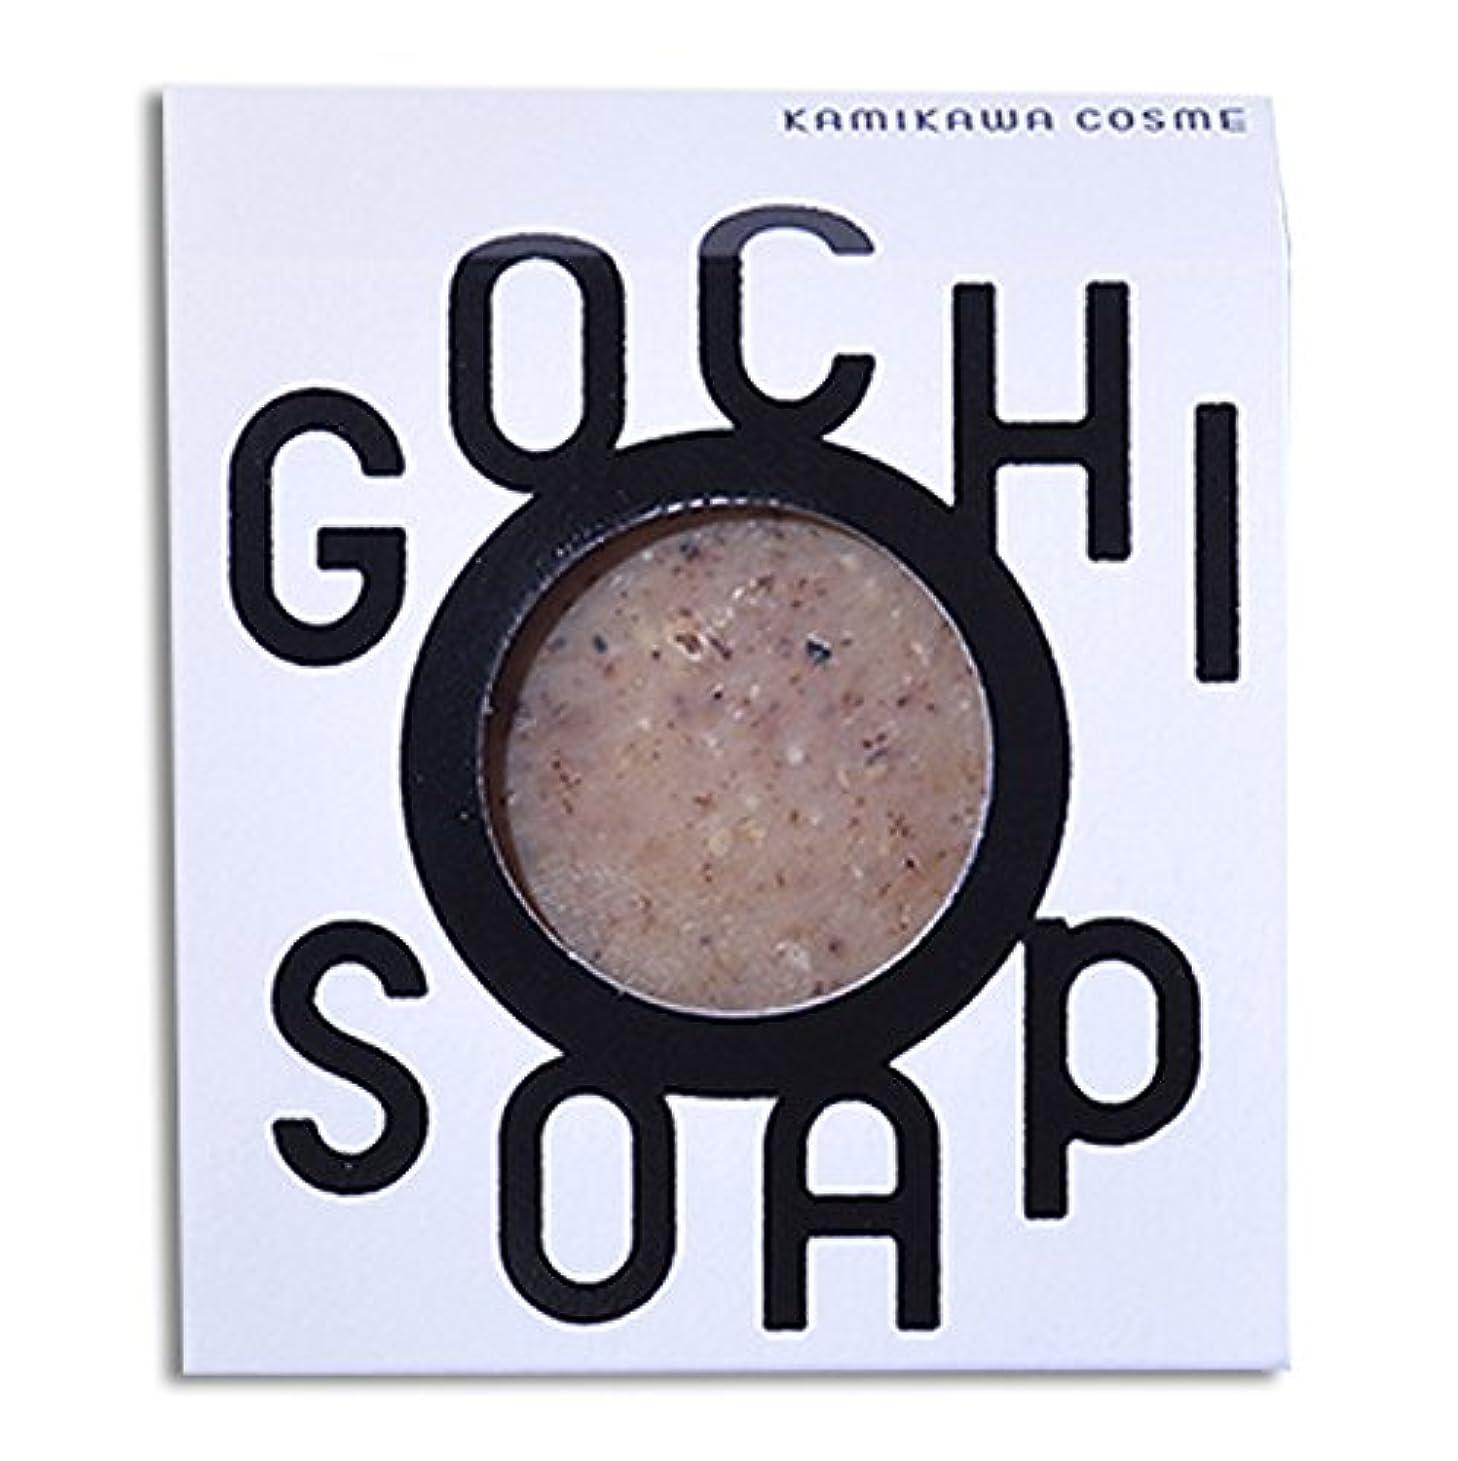 重要棚敷居道北の素材を使用したコスメブランド GOCHI SOAP(上森米穀店の黒米ぬかソープ?谷口農場のトマトソープ)各1個セット